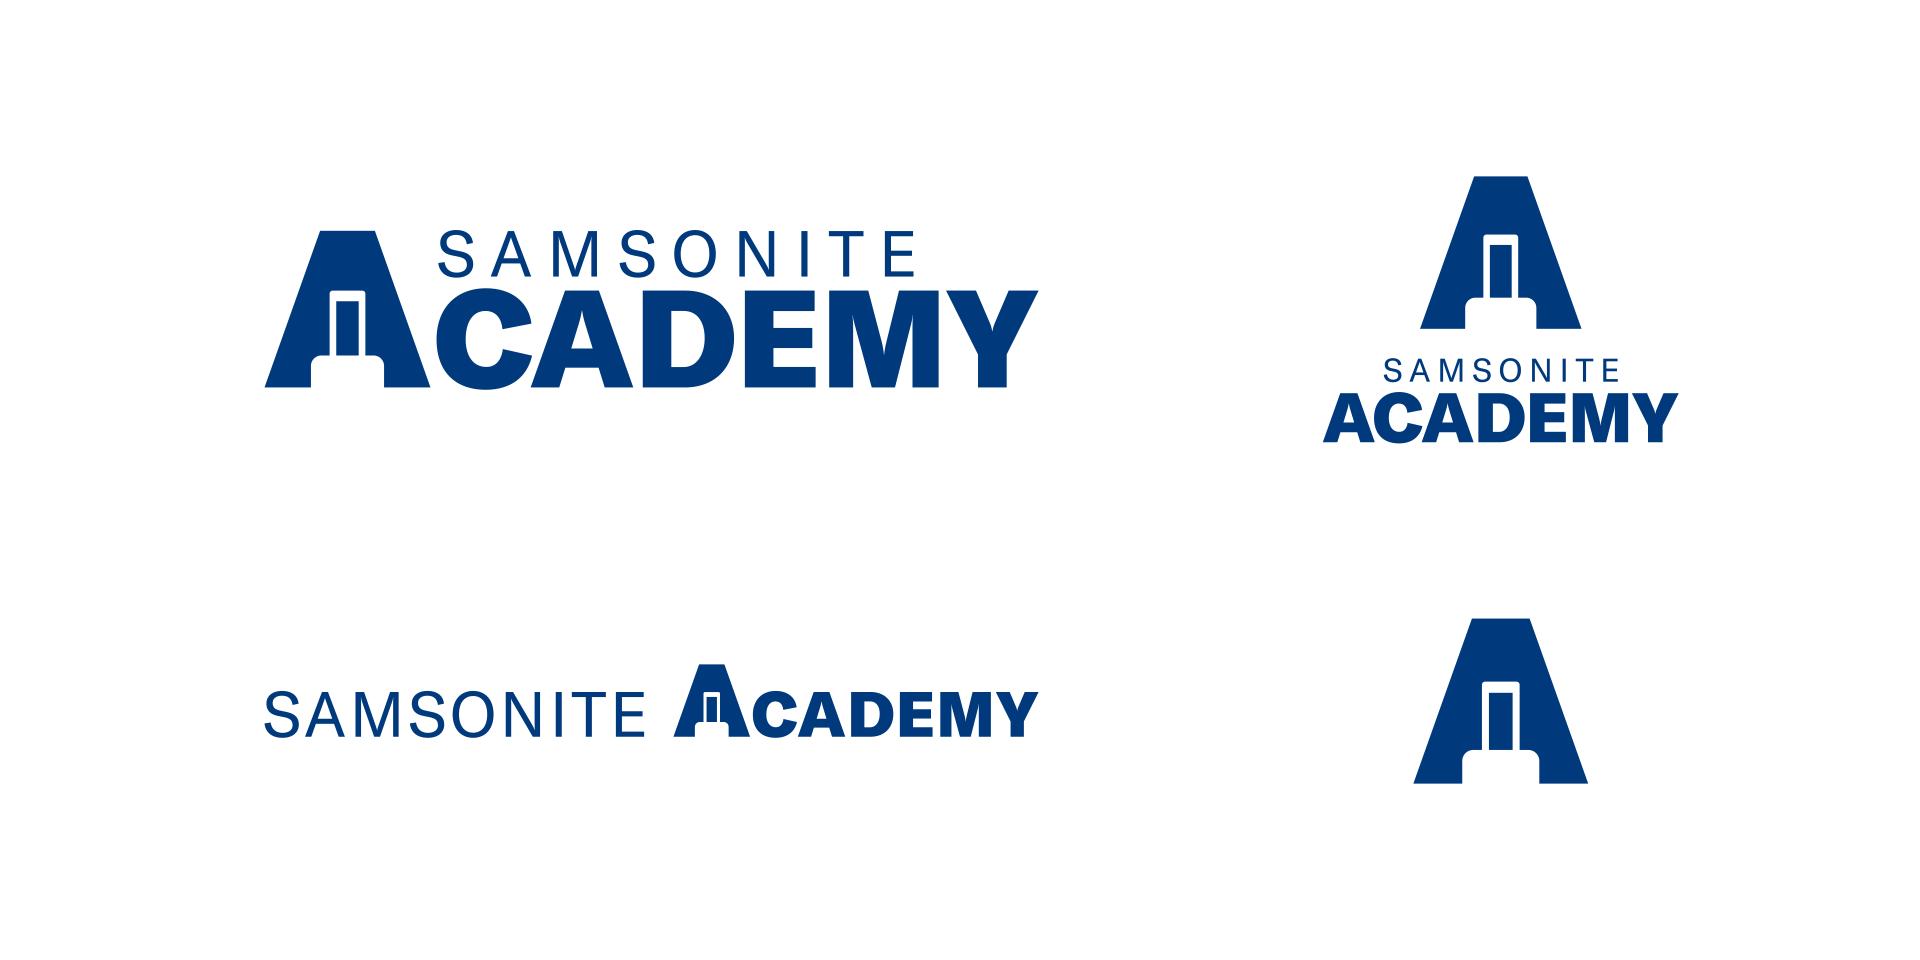 Samsonite Academy logo on white